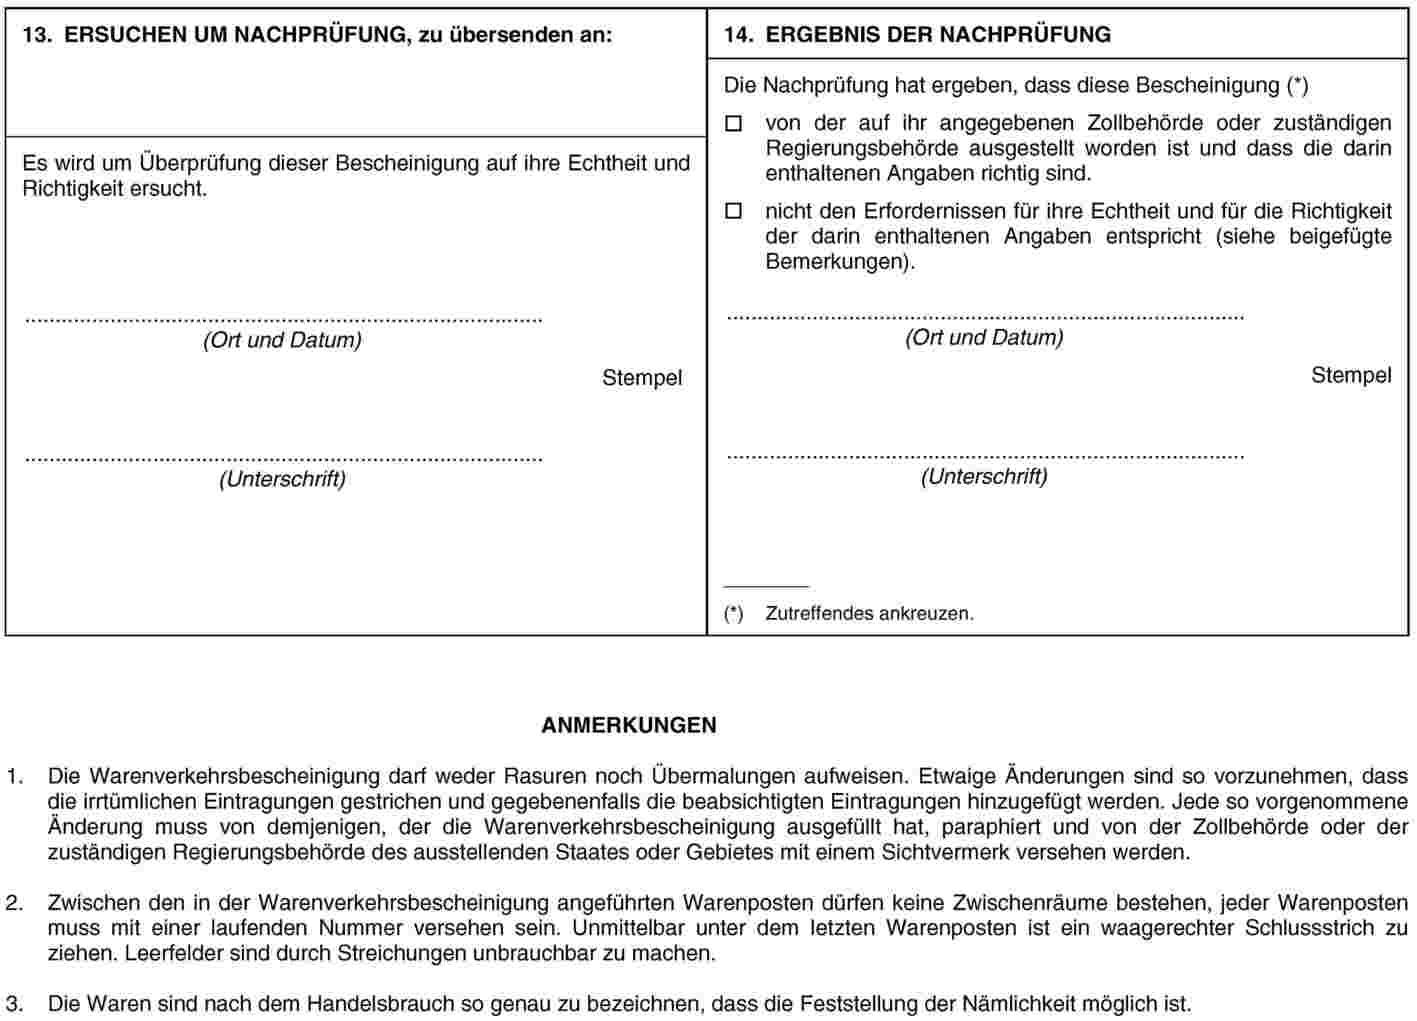 EUR-Lex - JOL_2005_038_R_0001_01 - EN - EUR-Lex